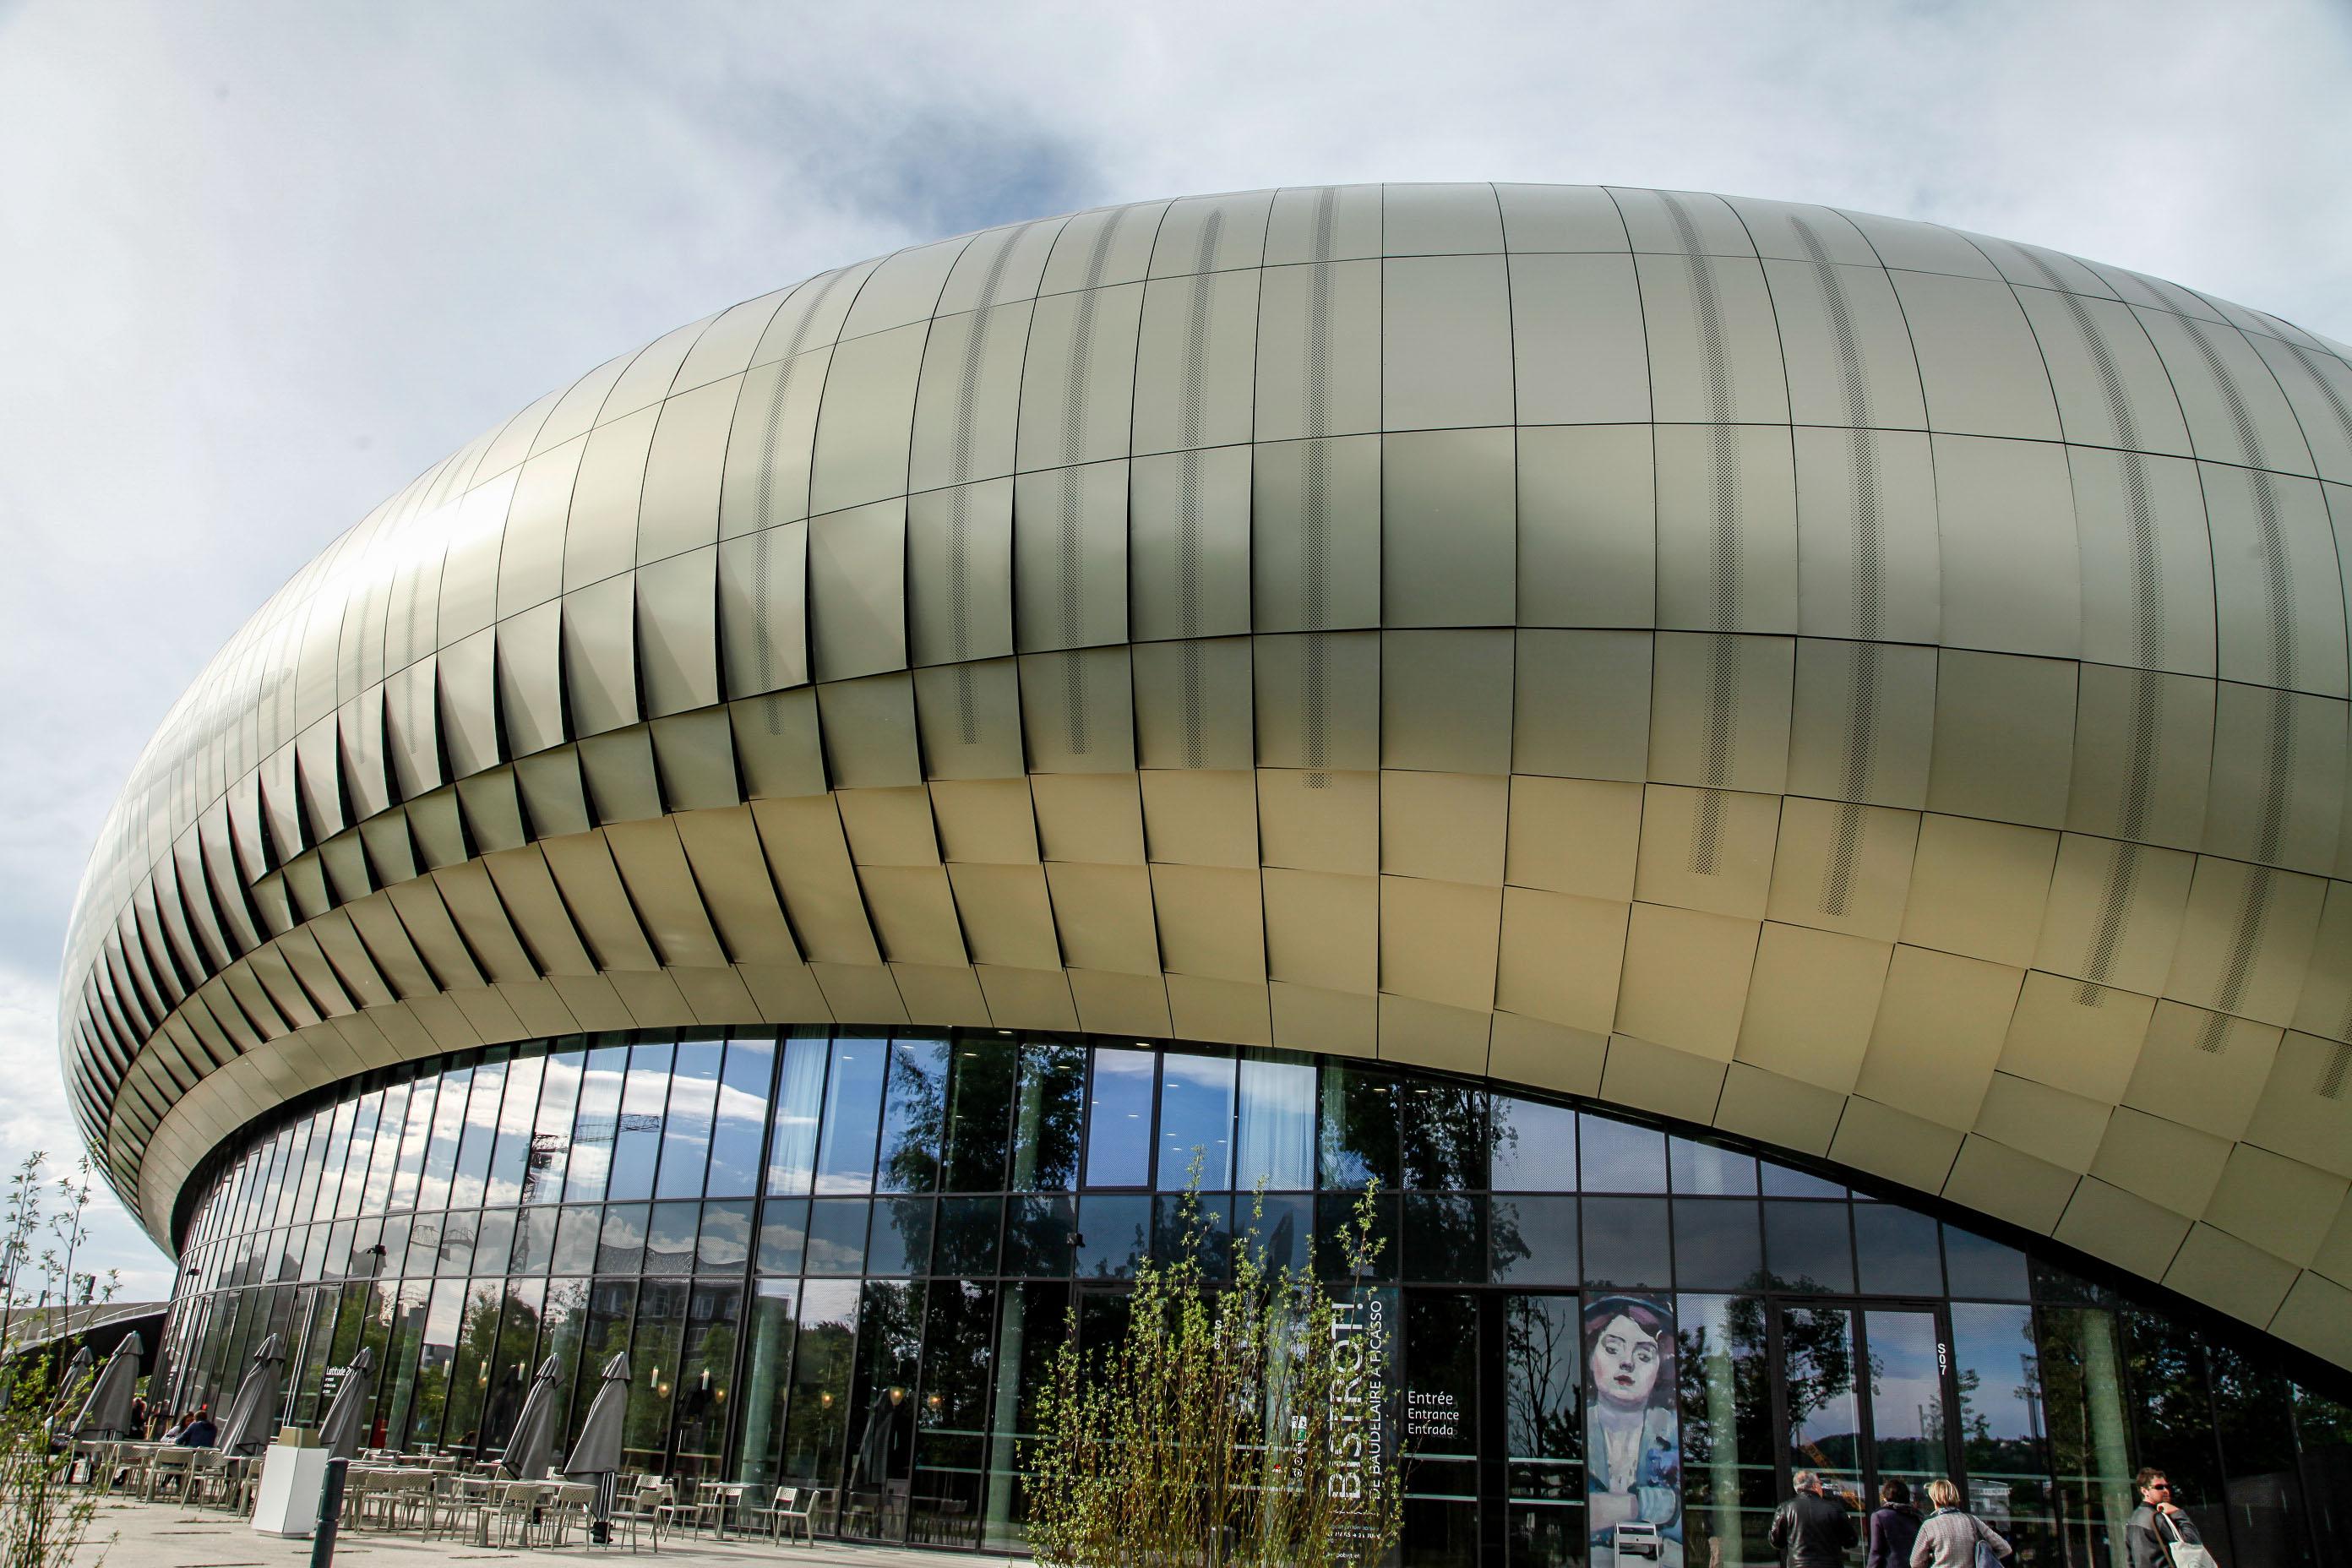 Die Fassade des Weinmuseums besteht aus farbigen Aluminiumplatten.